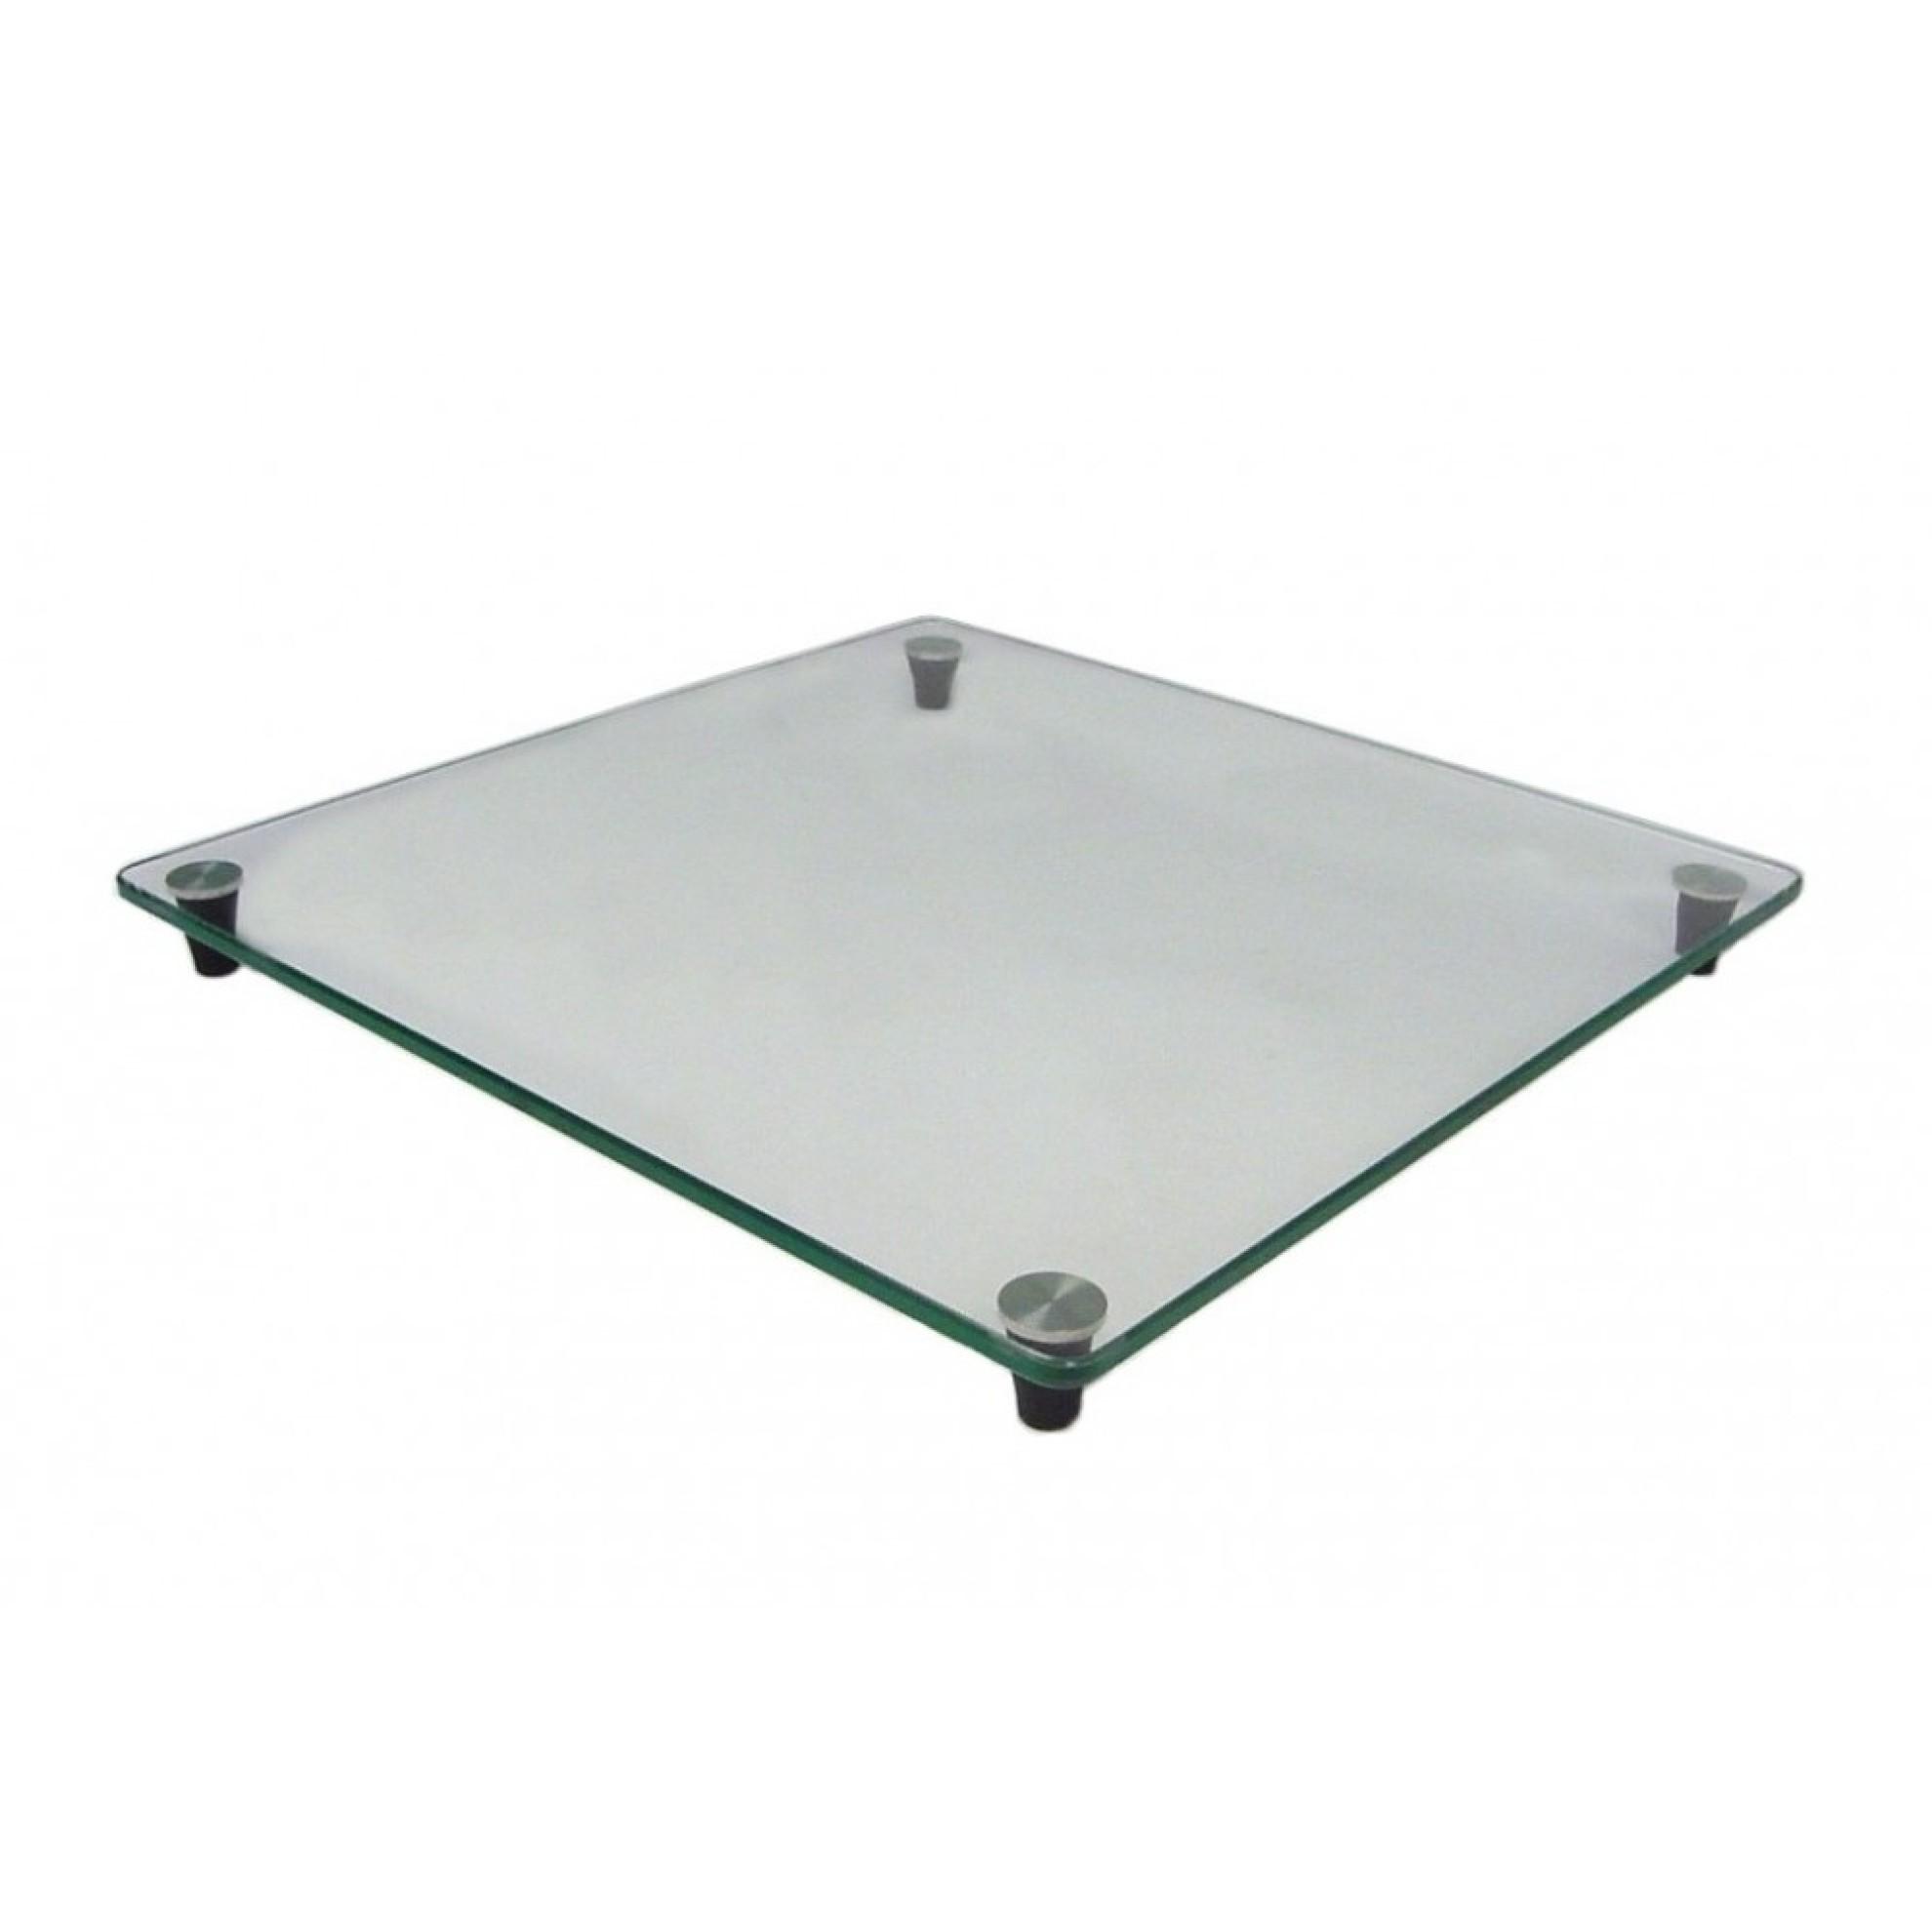 sicherheitsglas tischplatte 50 x 50 cm mit gummistopfer willkommen im spider evoflex shop. Black Bedroom Furniture Sets. Home Design Ideas